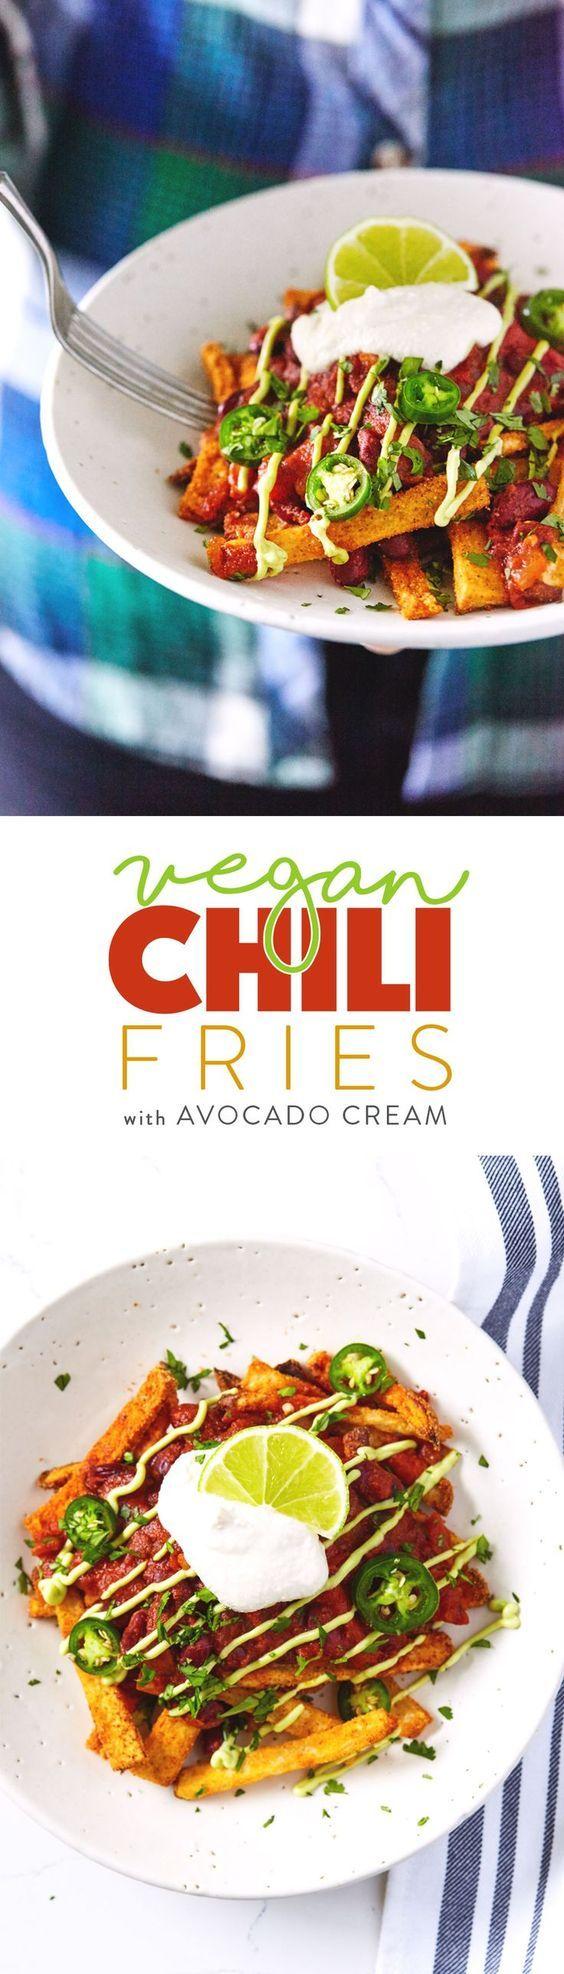 Vegan Chili Fries with Avocado Cream — Natural Girl Modern World